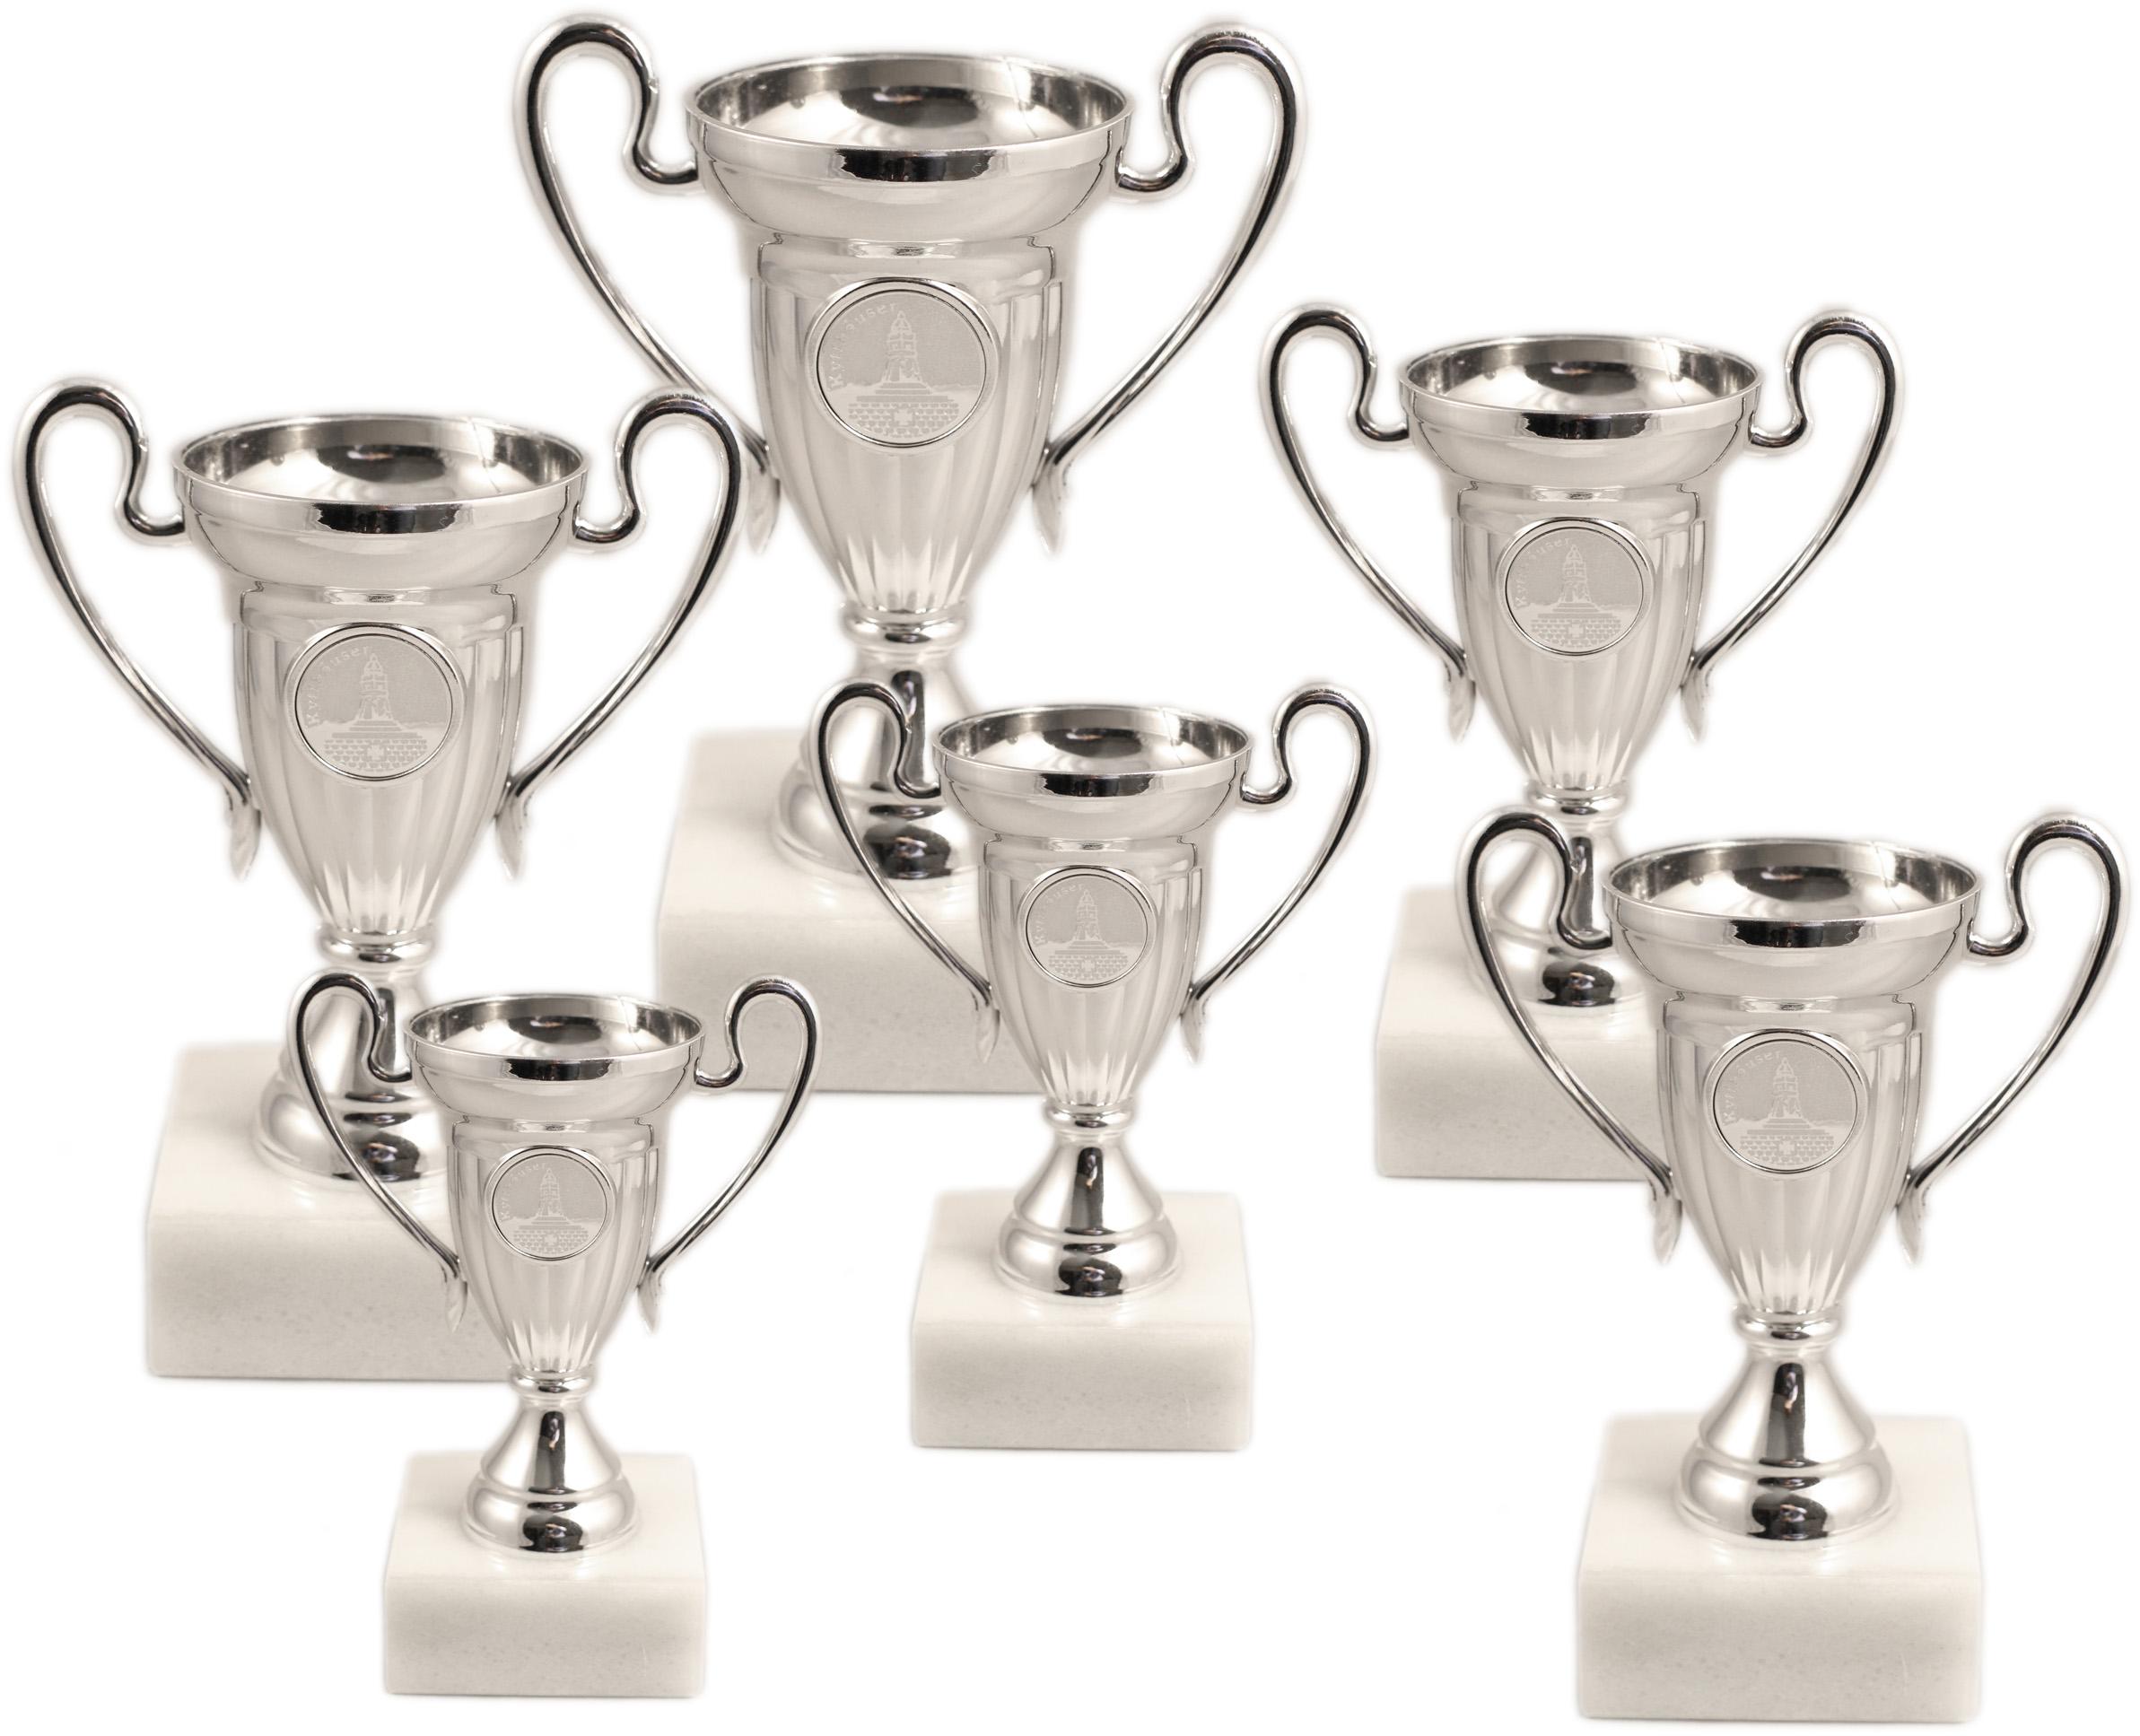 Pokale aus 6er Pokalserie: 46629 - 46634, 11,0 - 21,0 cm